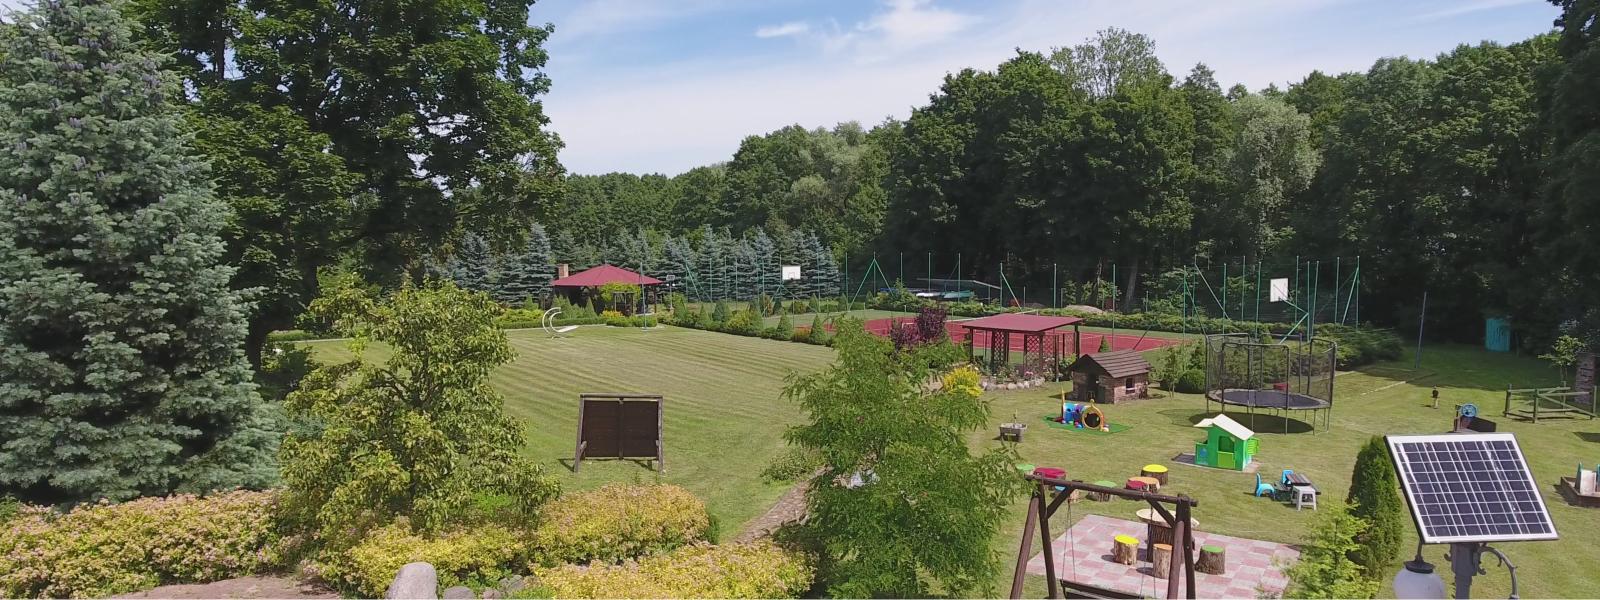 Domki nad jeziorem Mamry, Villa Przystań, kort tenisowy oraz plac zabaw dla dzieci